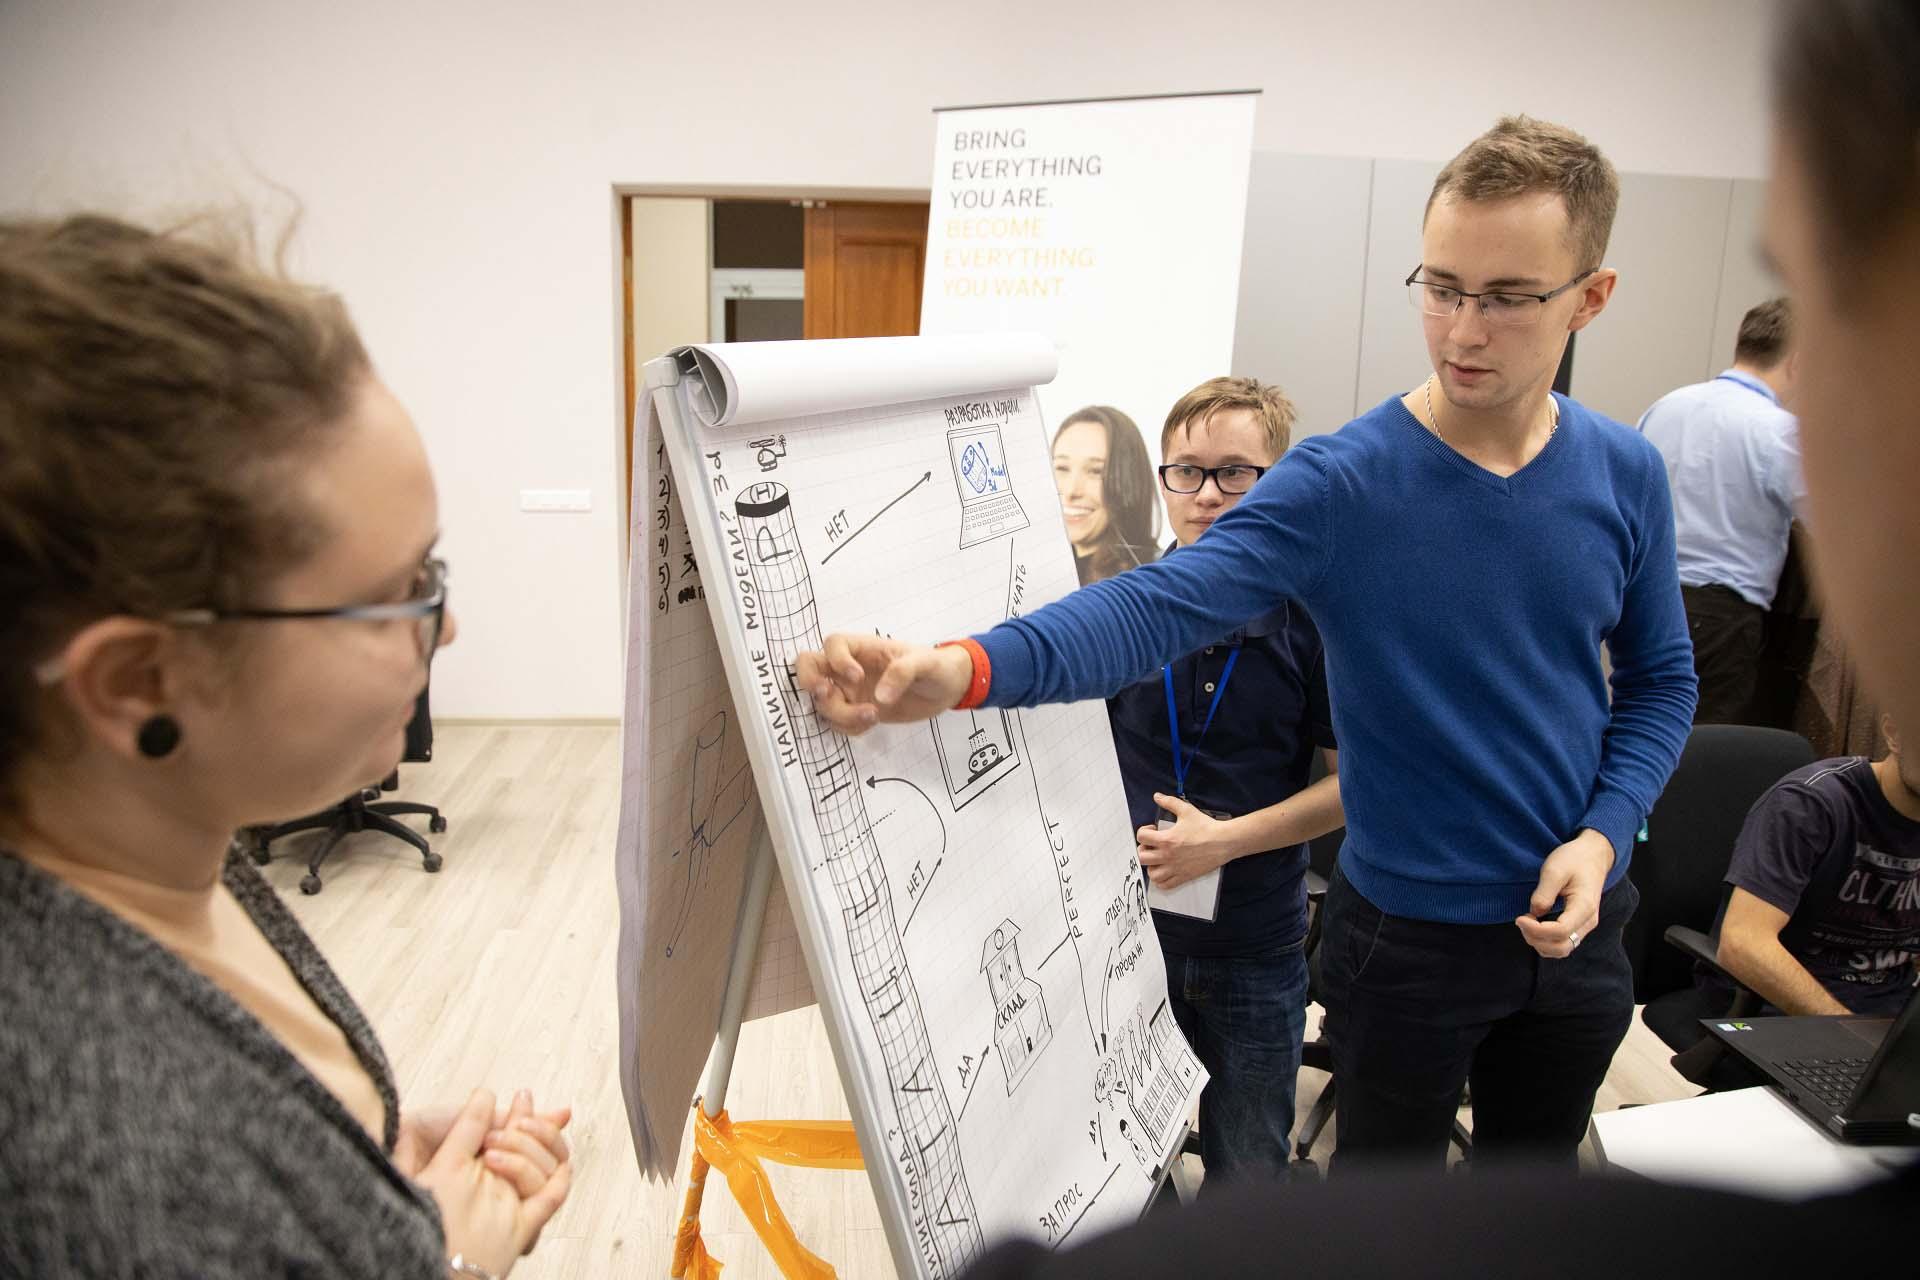 Лучшие проекты хакатона в УрФУ получат развитие при поддержке ТМК